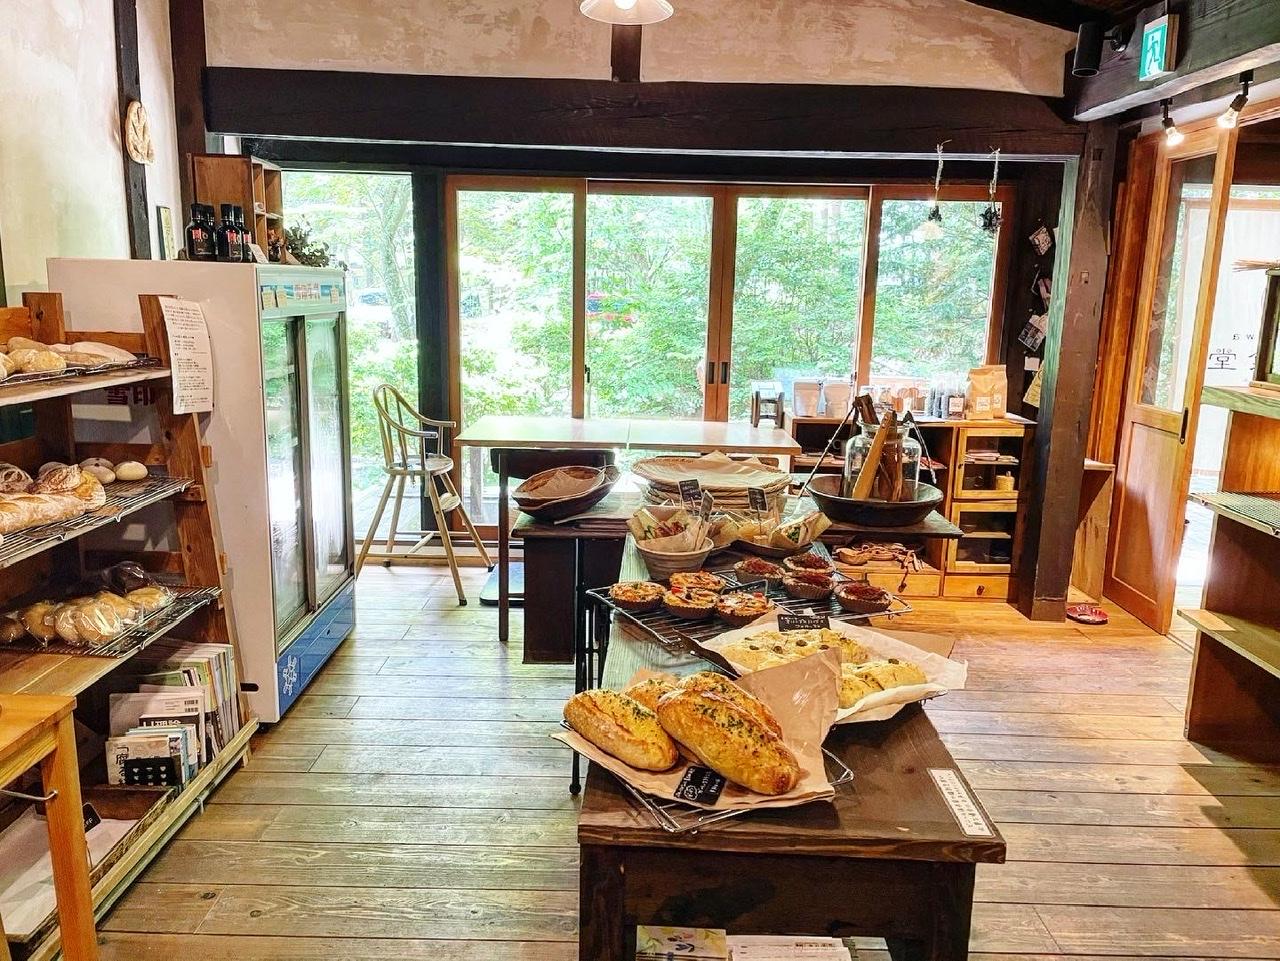 【森の中で見つけたパン屋】砂糖不使用・全て手作りの心と身体に優しいパン_7